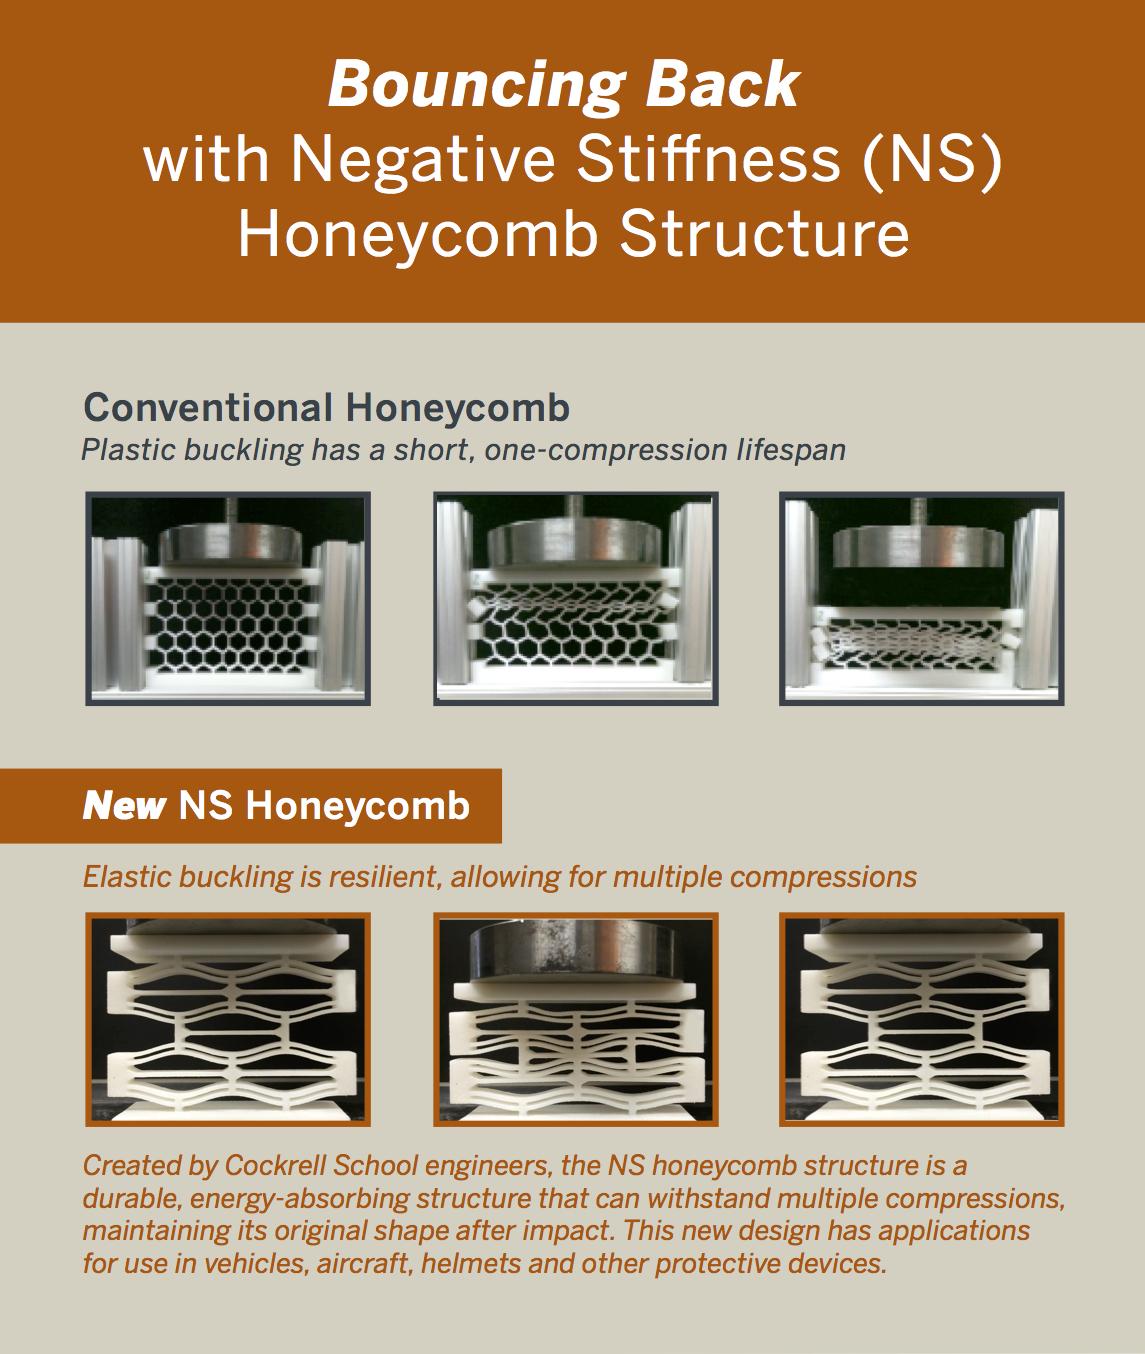 NS Honeycomb Elastic Buckling